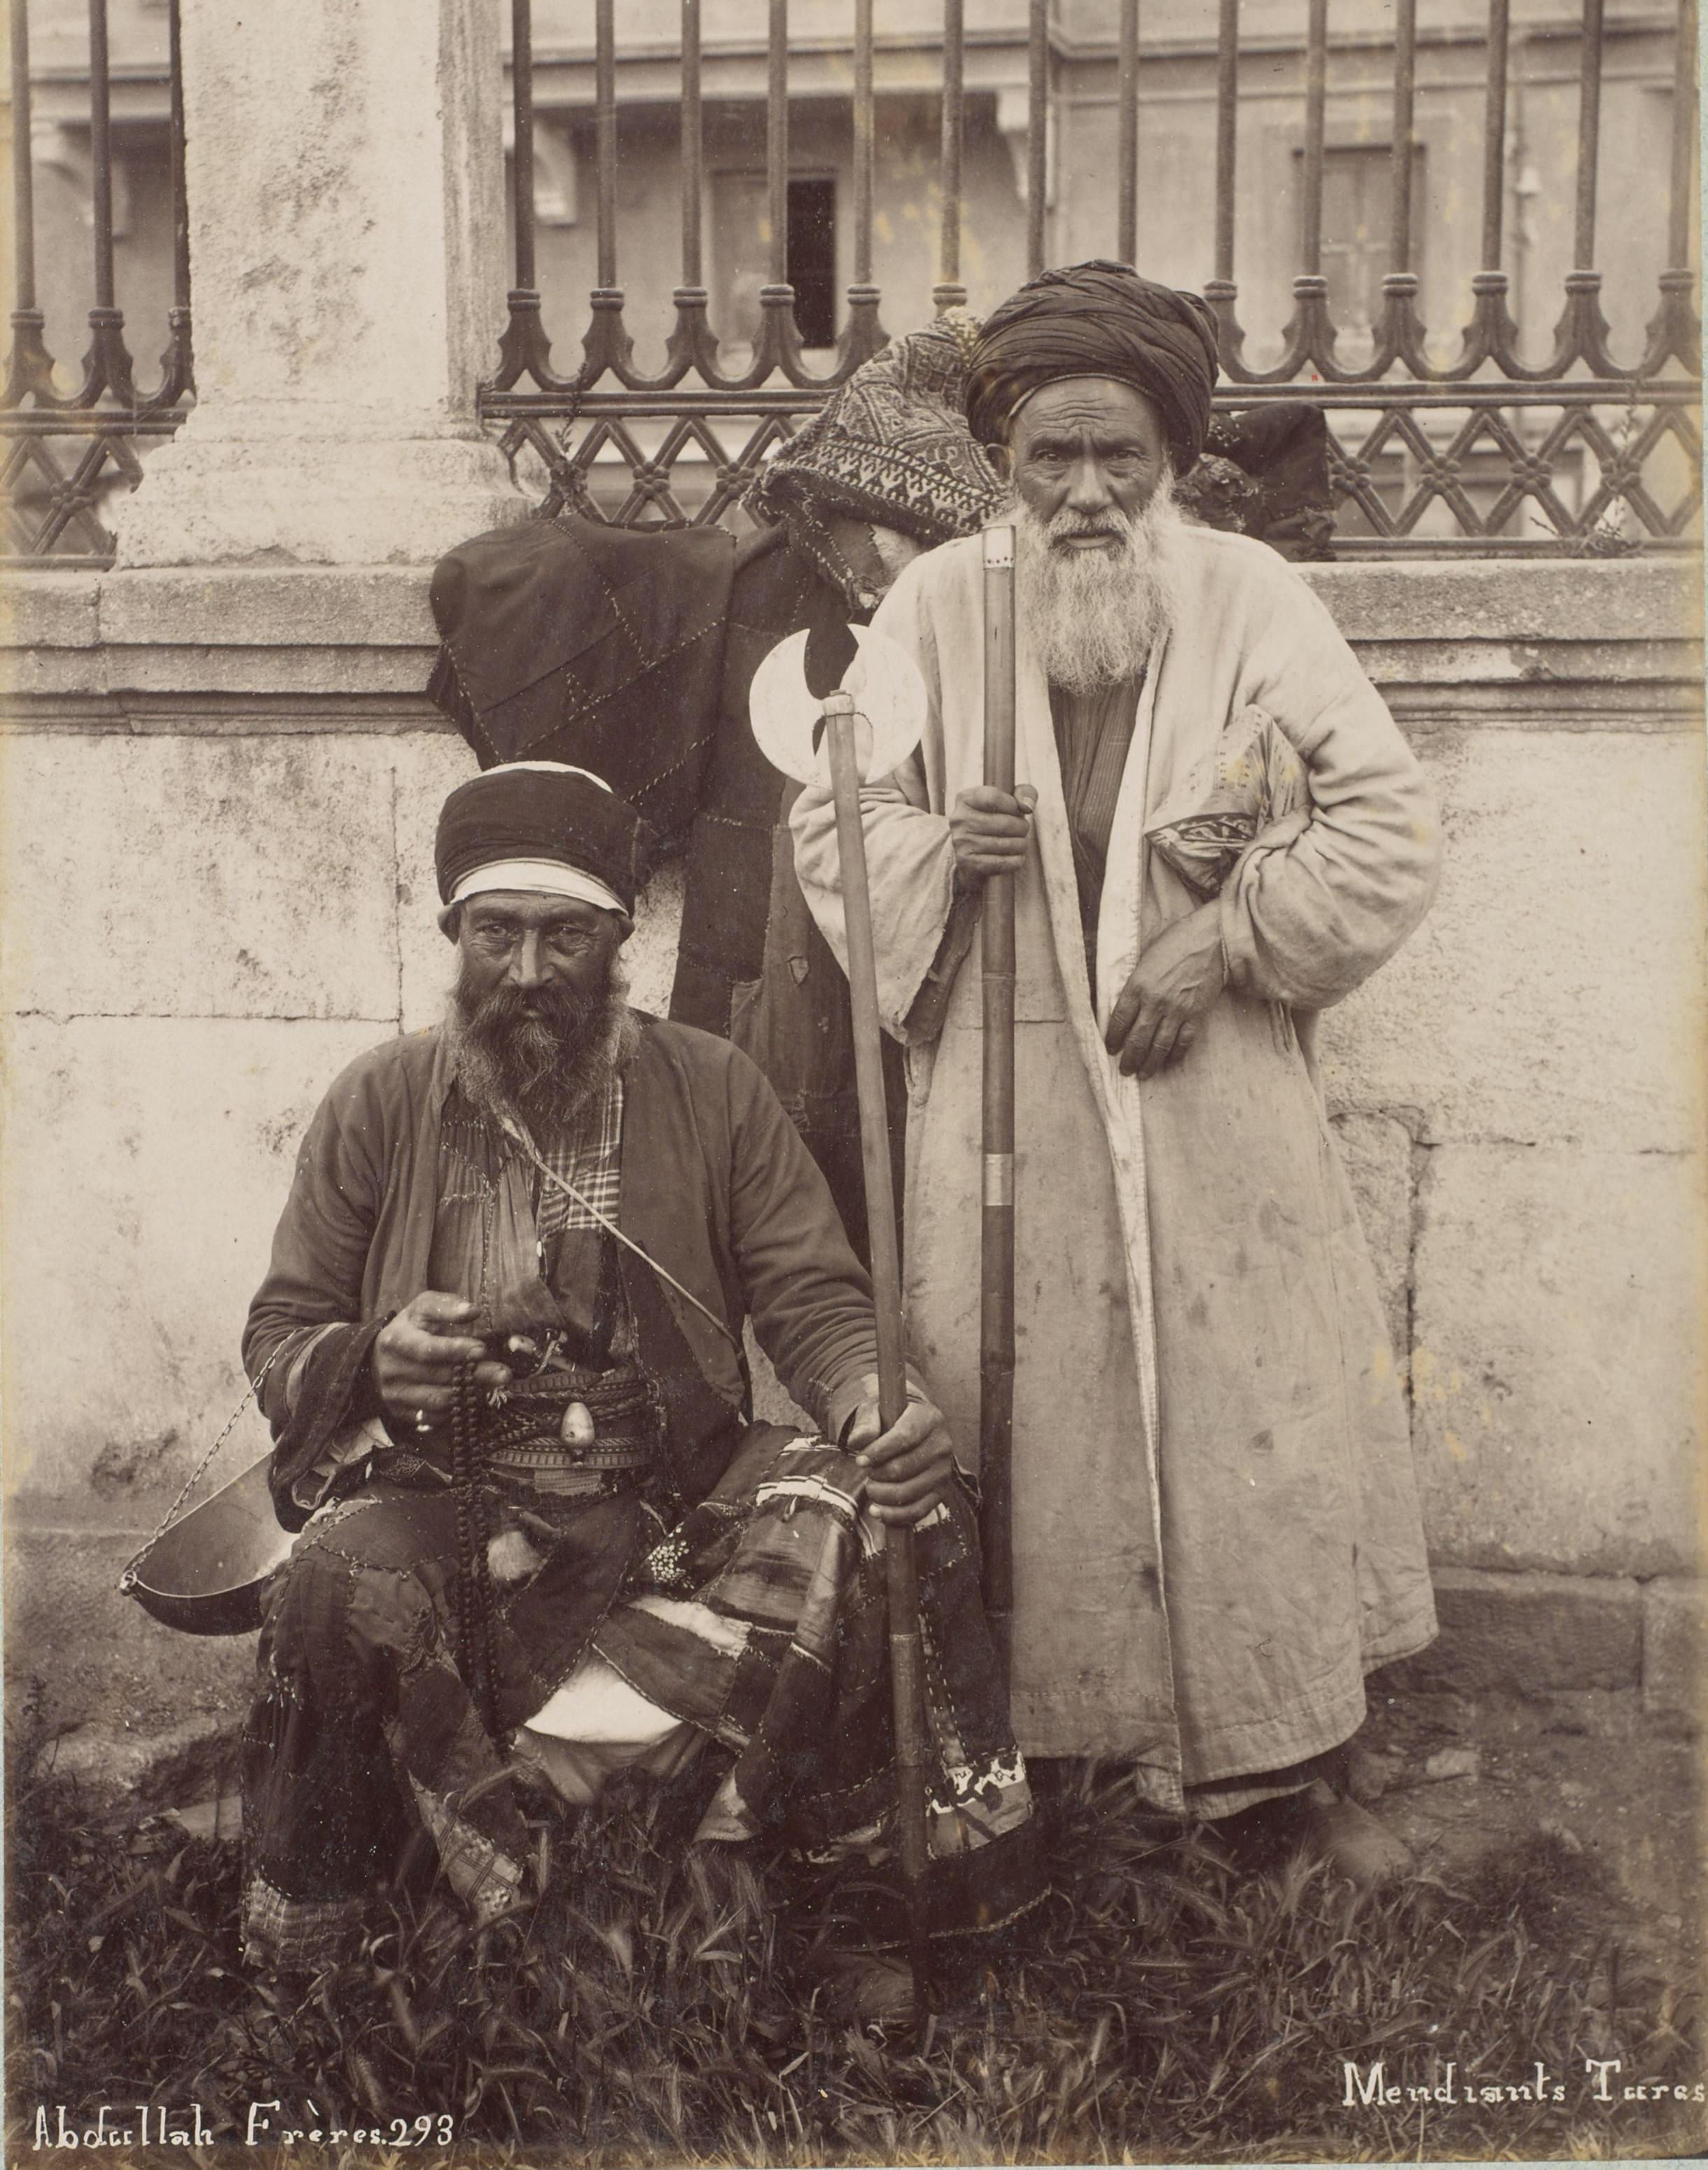 dervisler-abdullah-freres-1880s-4735.jpg